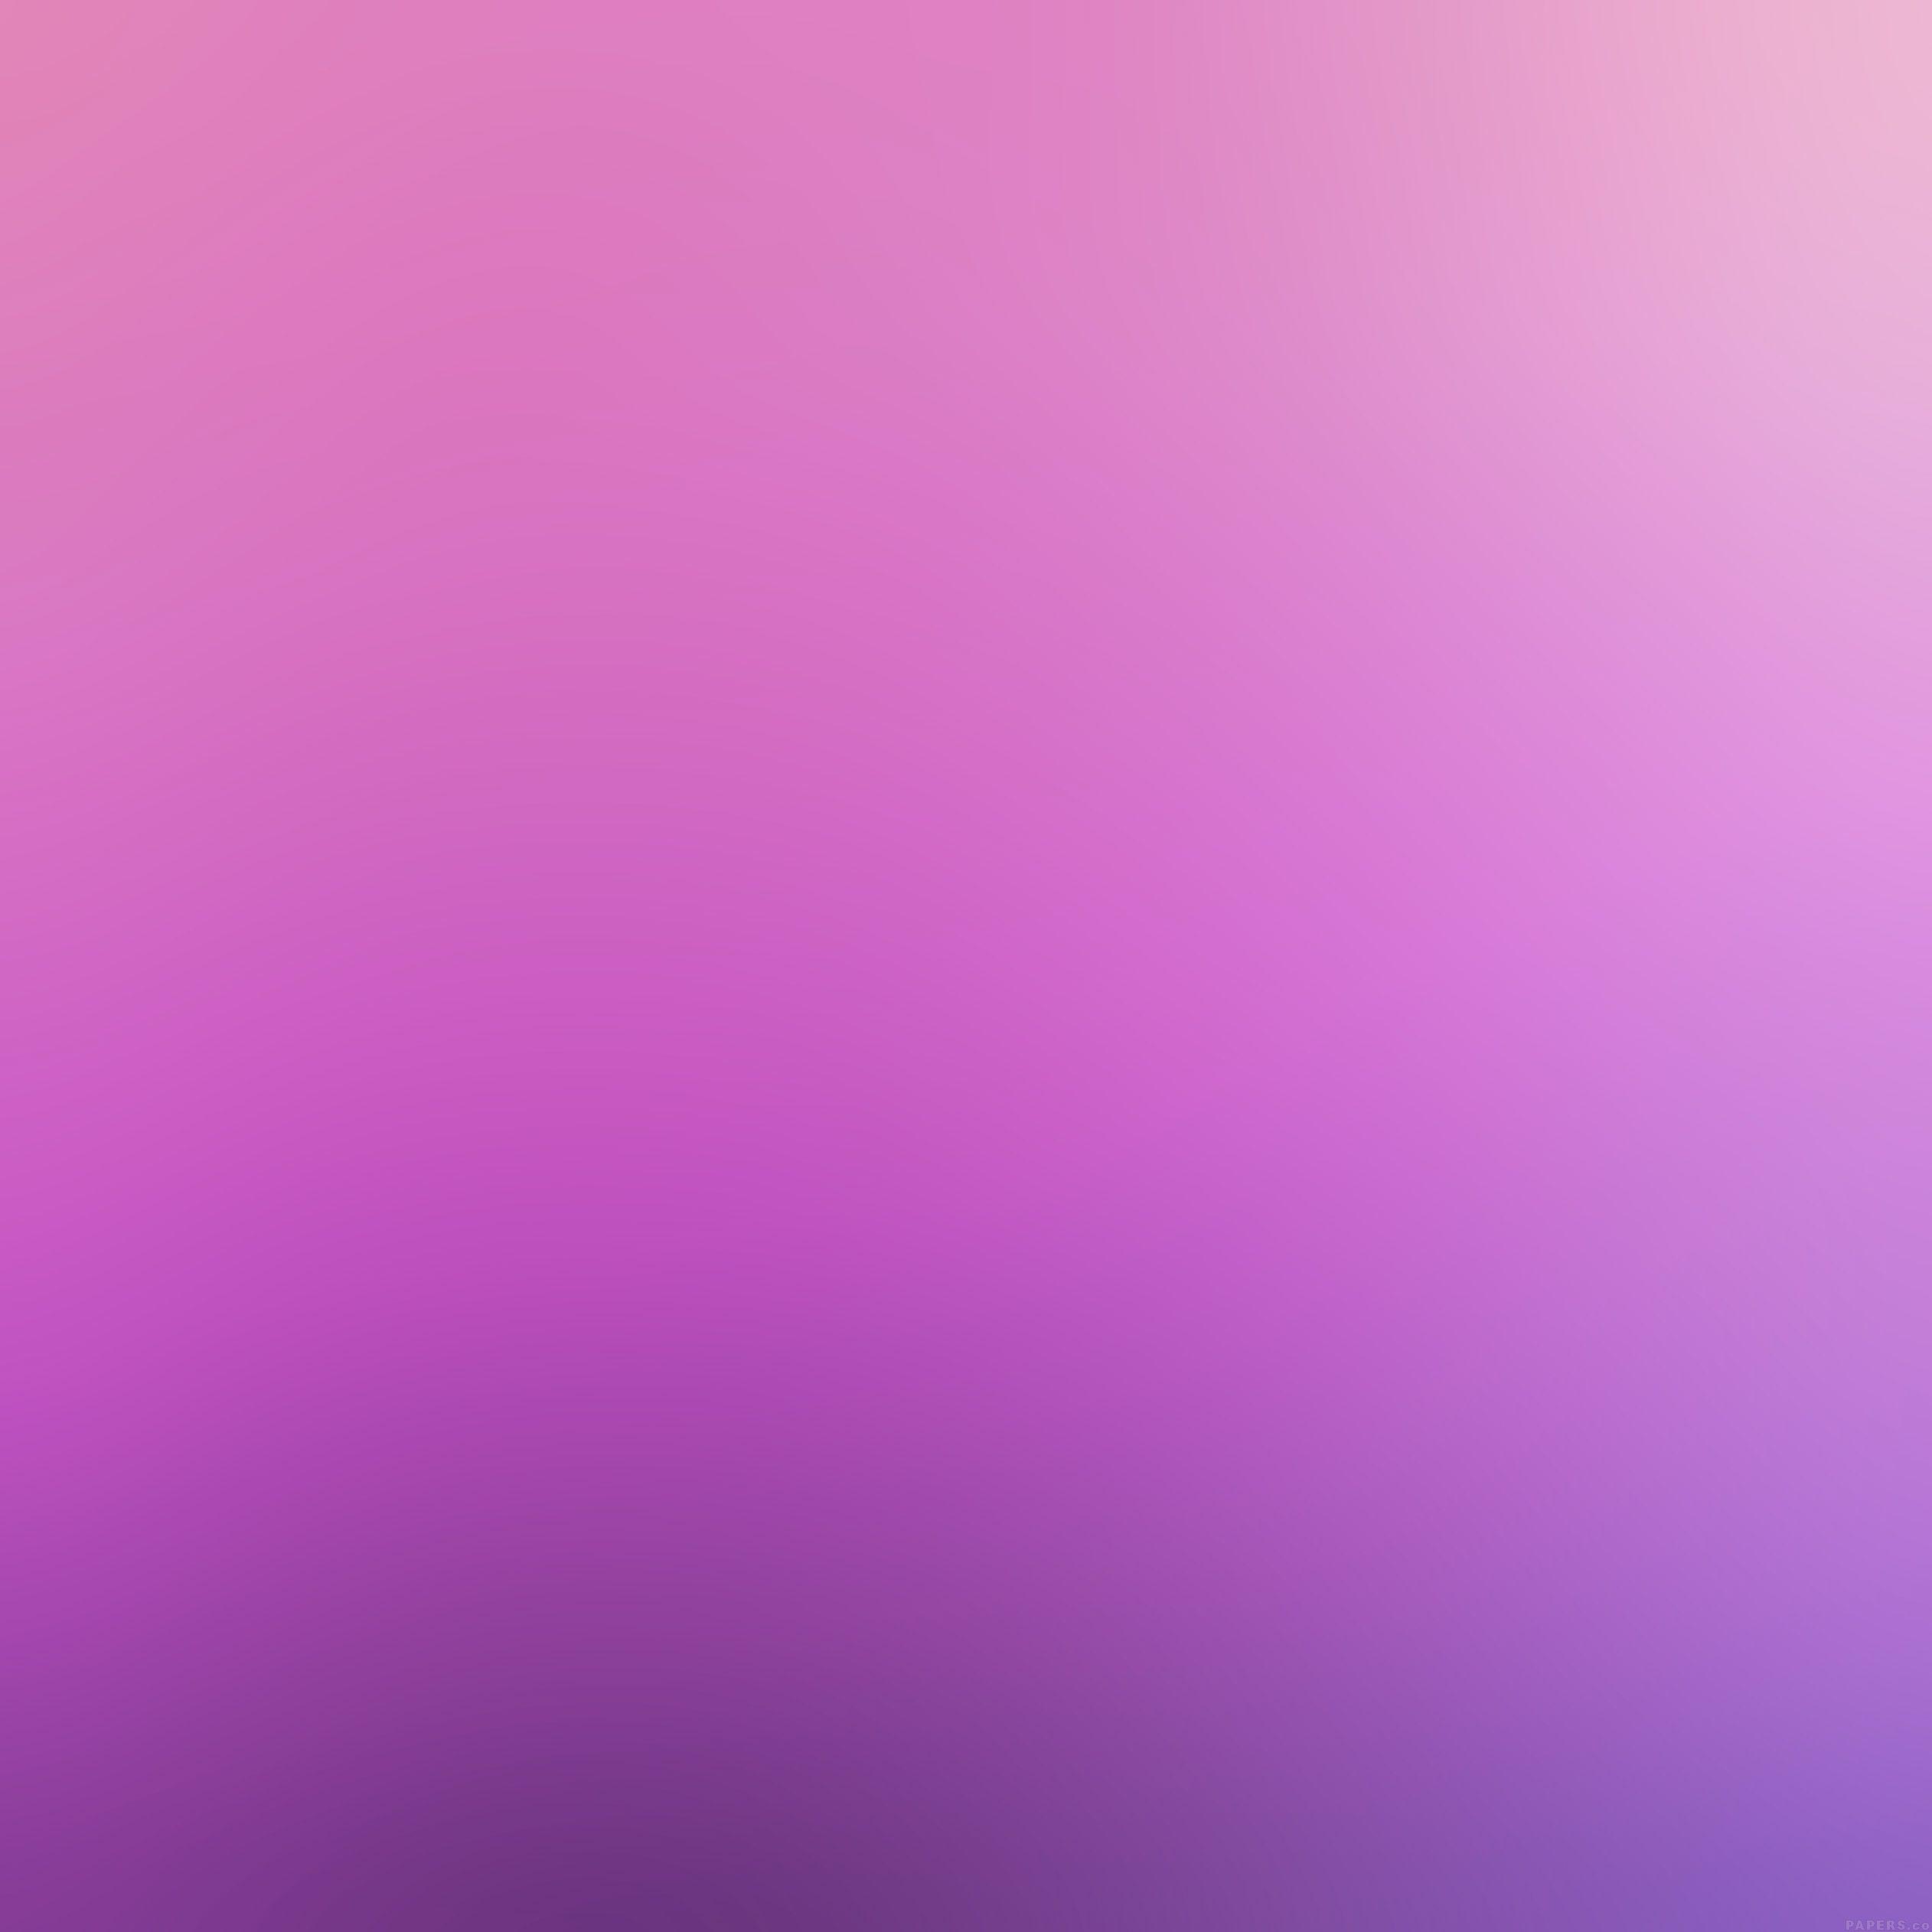 5 Fonds D Ecran Rose Pour Iphone Dont Iphone 6 Ipod Et Ipad